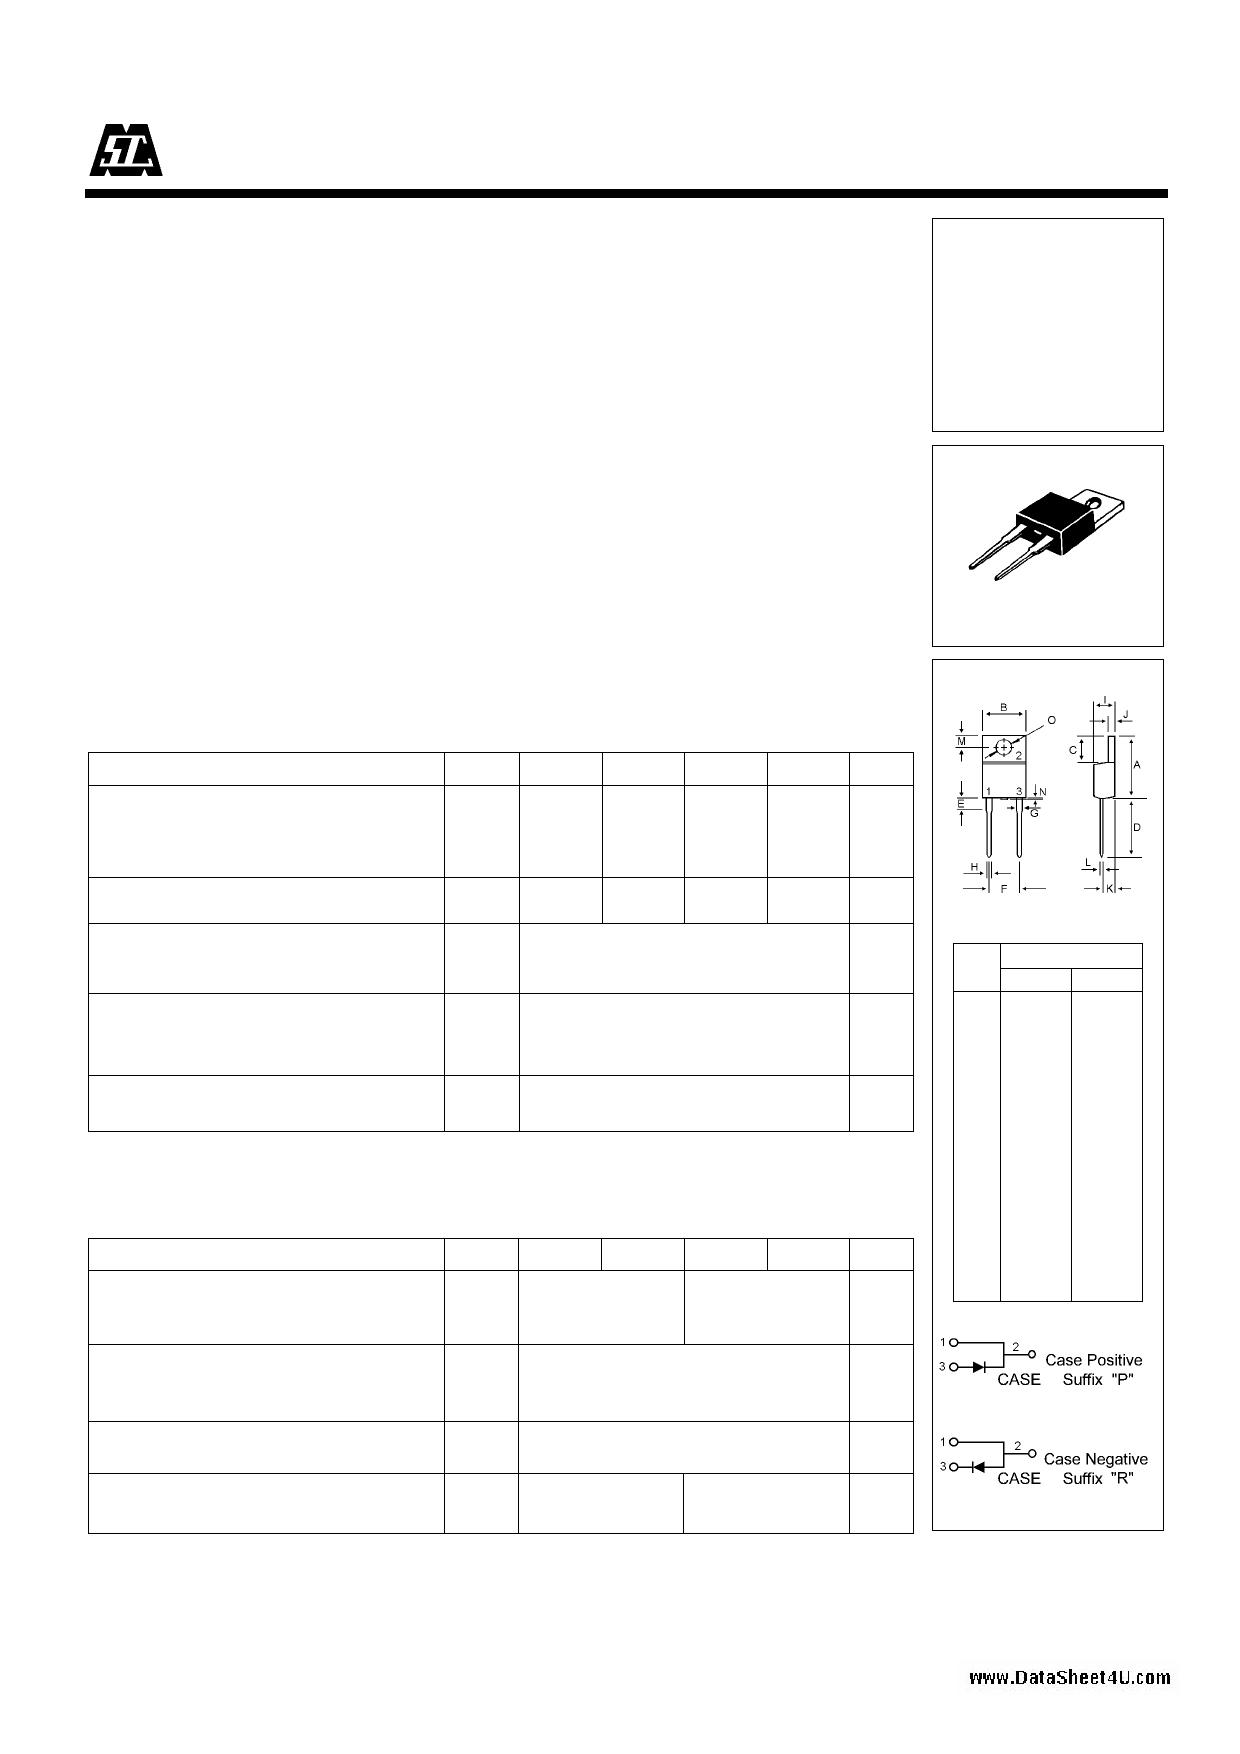 U05A60 Hoja de datos, Descripción, Manual